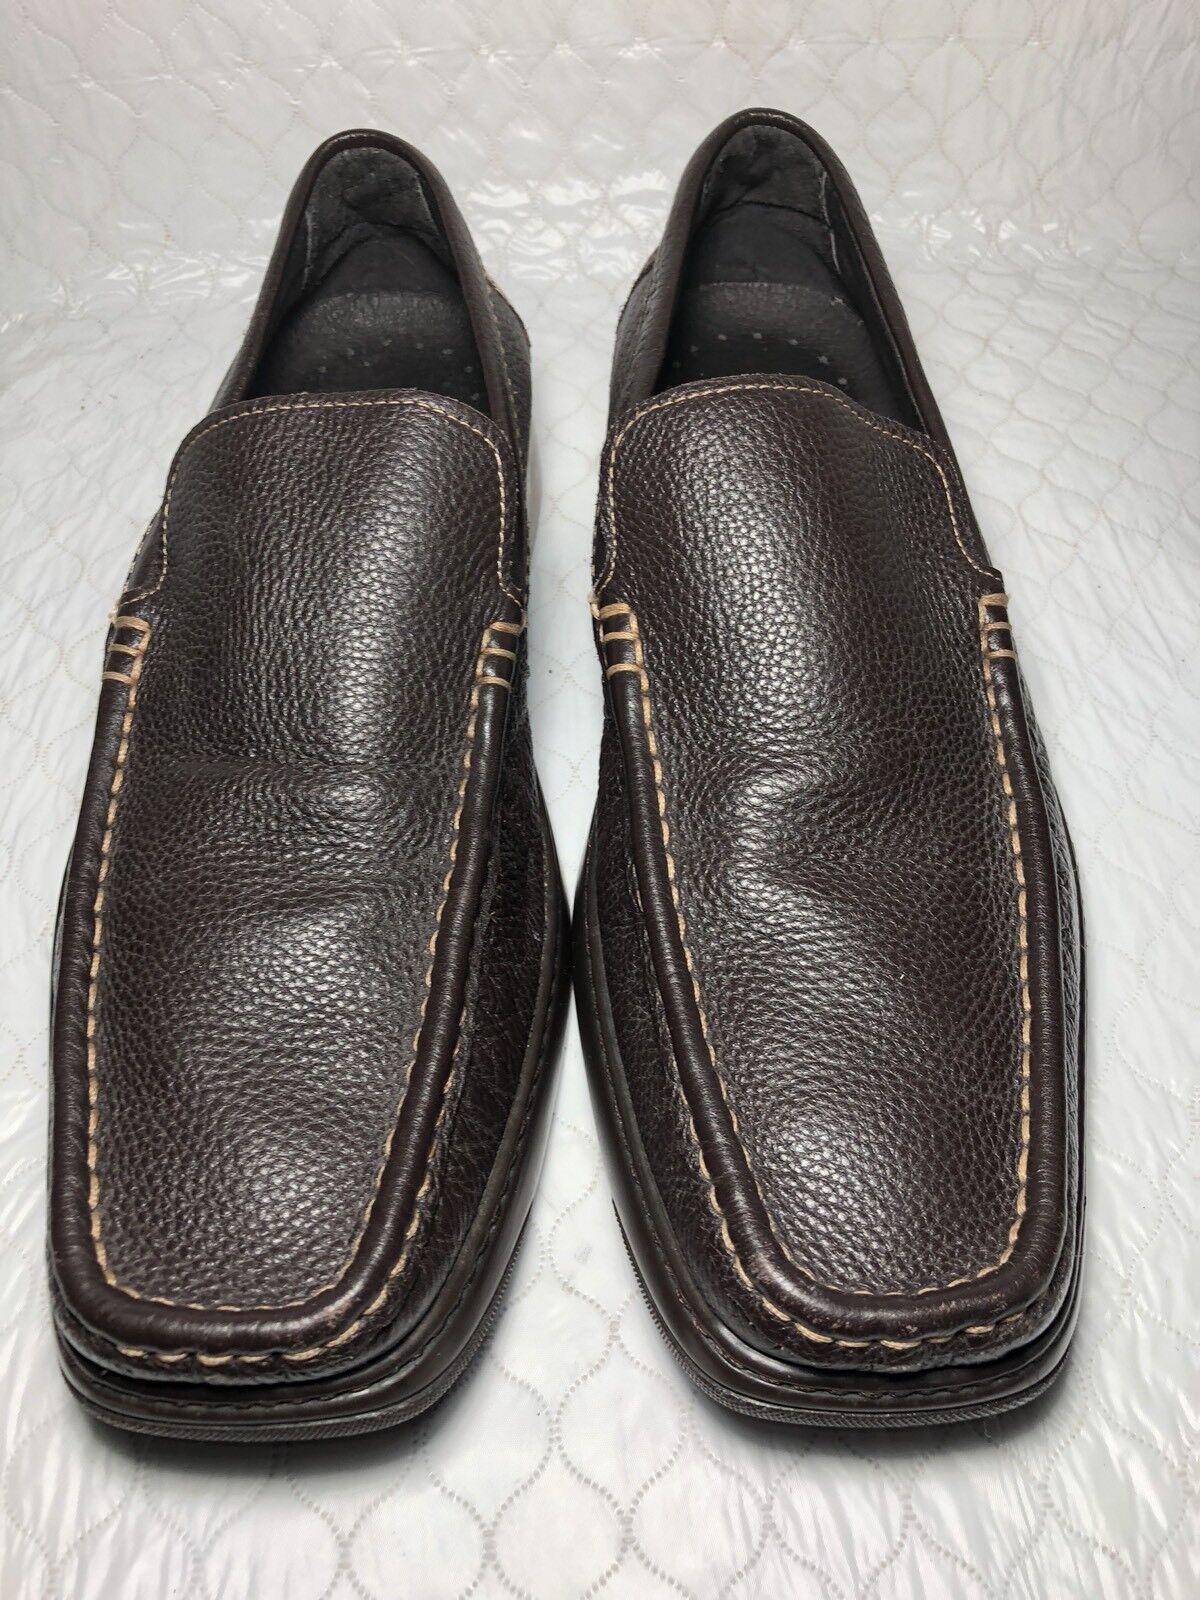 Dobals J. Leather Pliner Men's Brown Pebbled Leather J. Slip On Loafers Size-11.5 5e9061